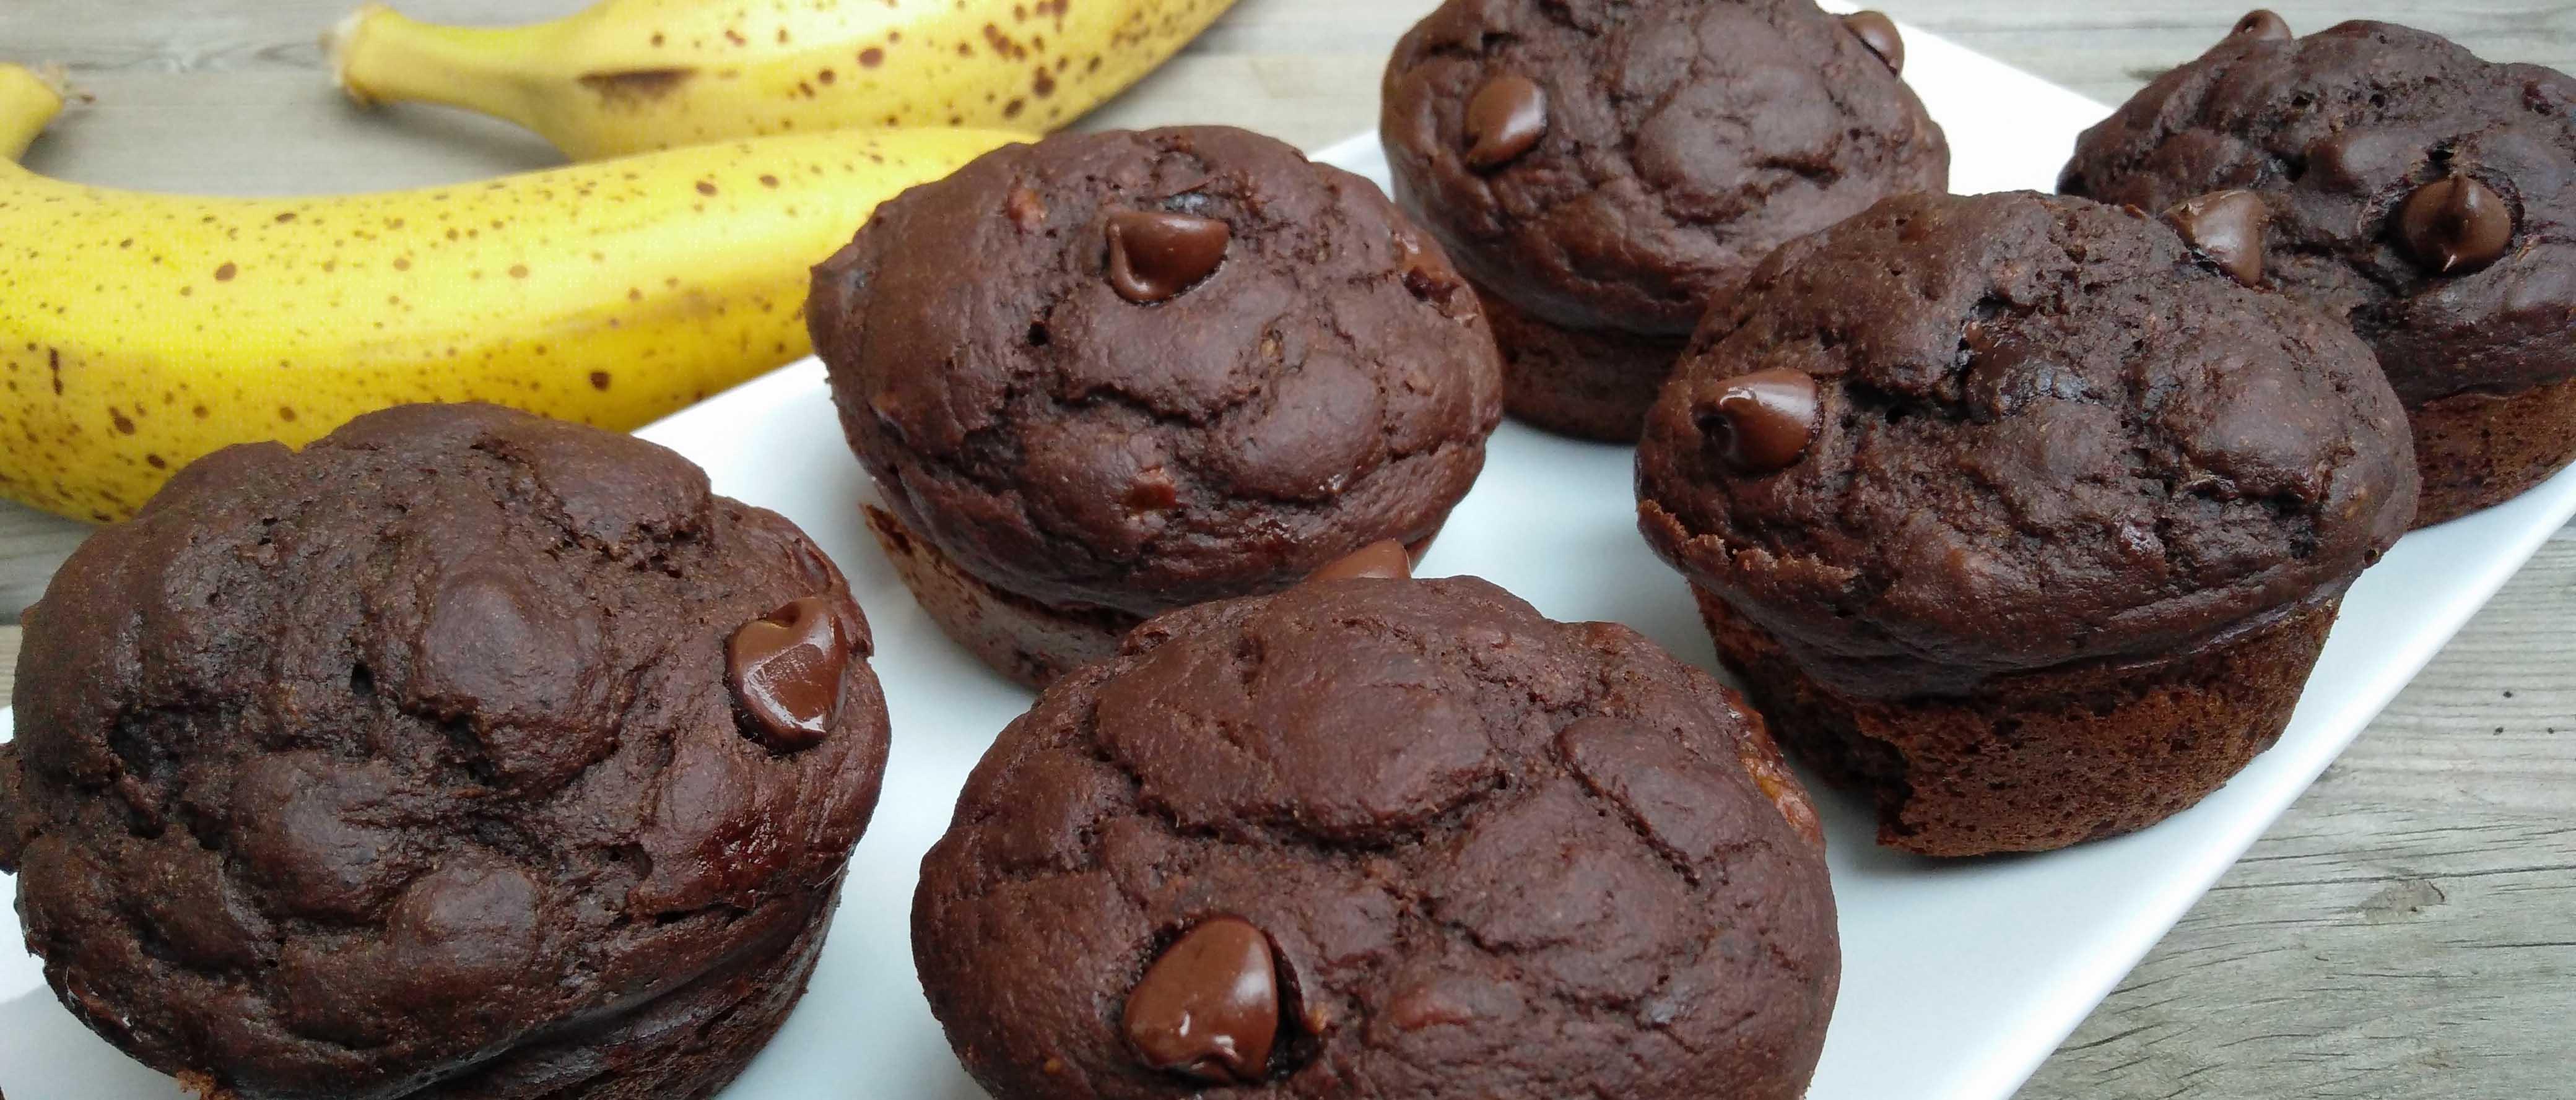 Chocolate loving muffins